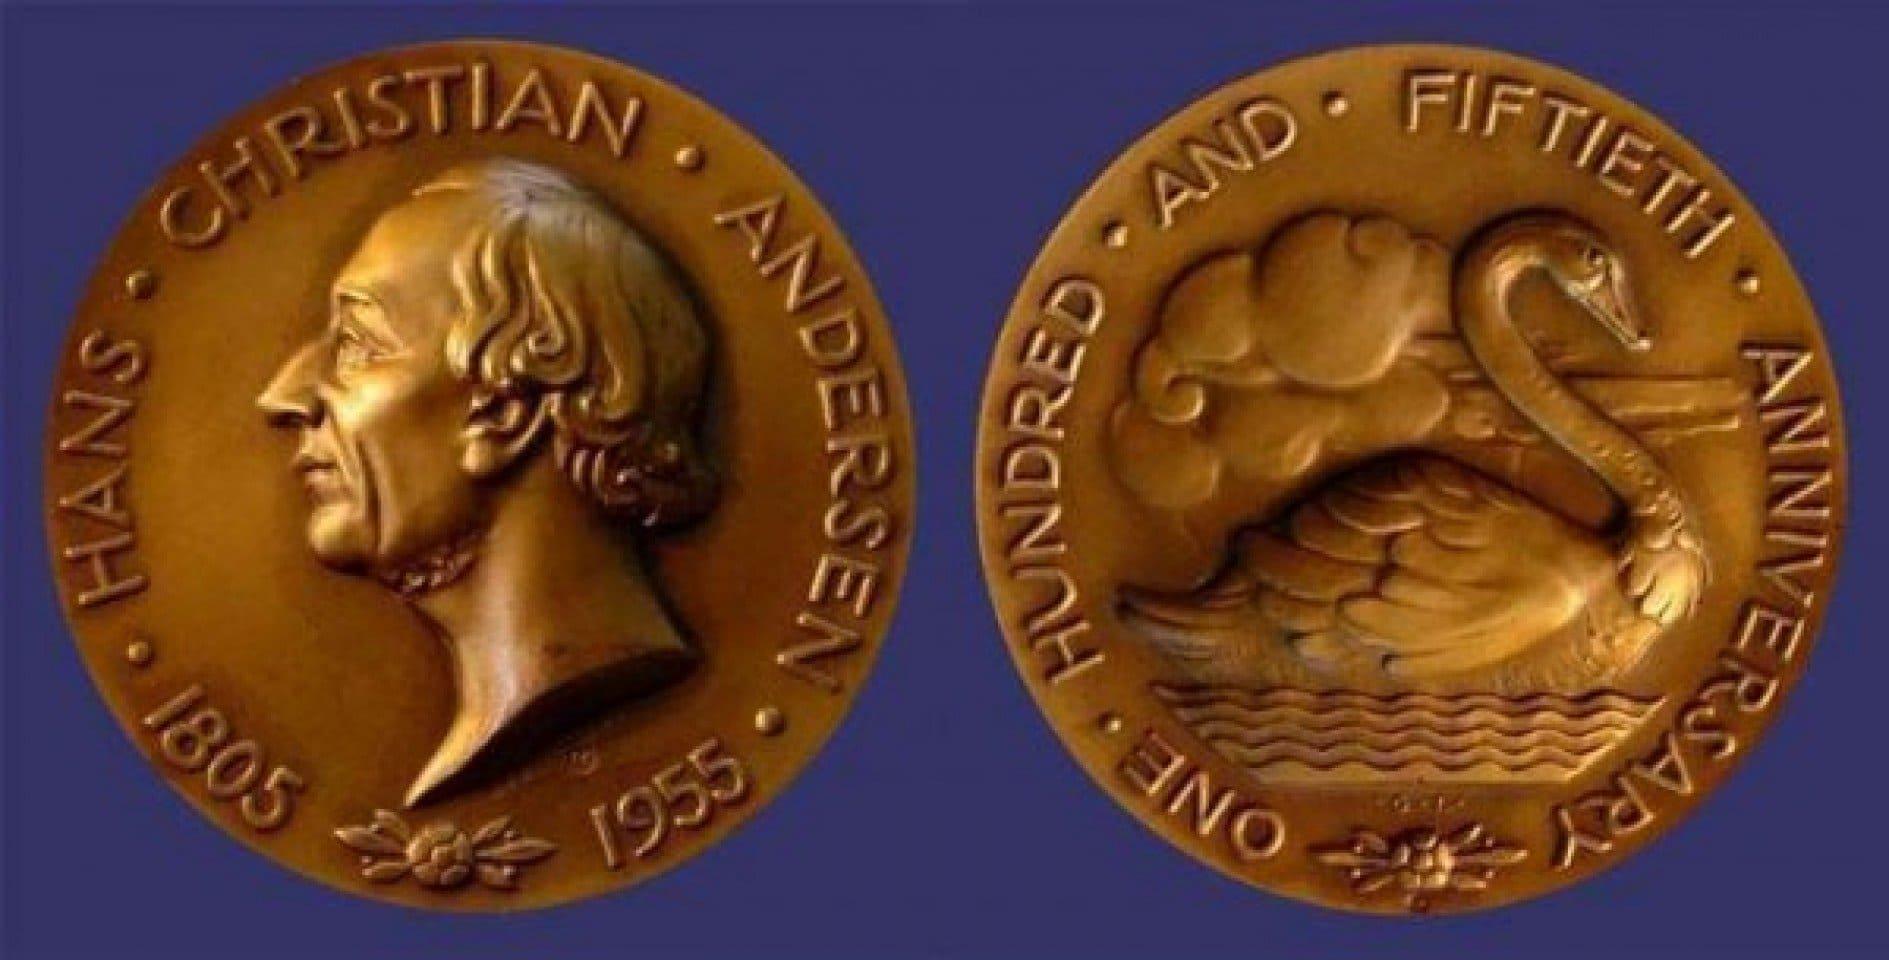 Андэрсэн. Залаты медаль Залаты медаль Ганса Хрысціяна Андэрсэна